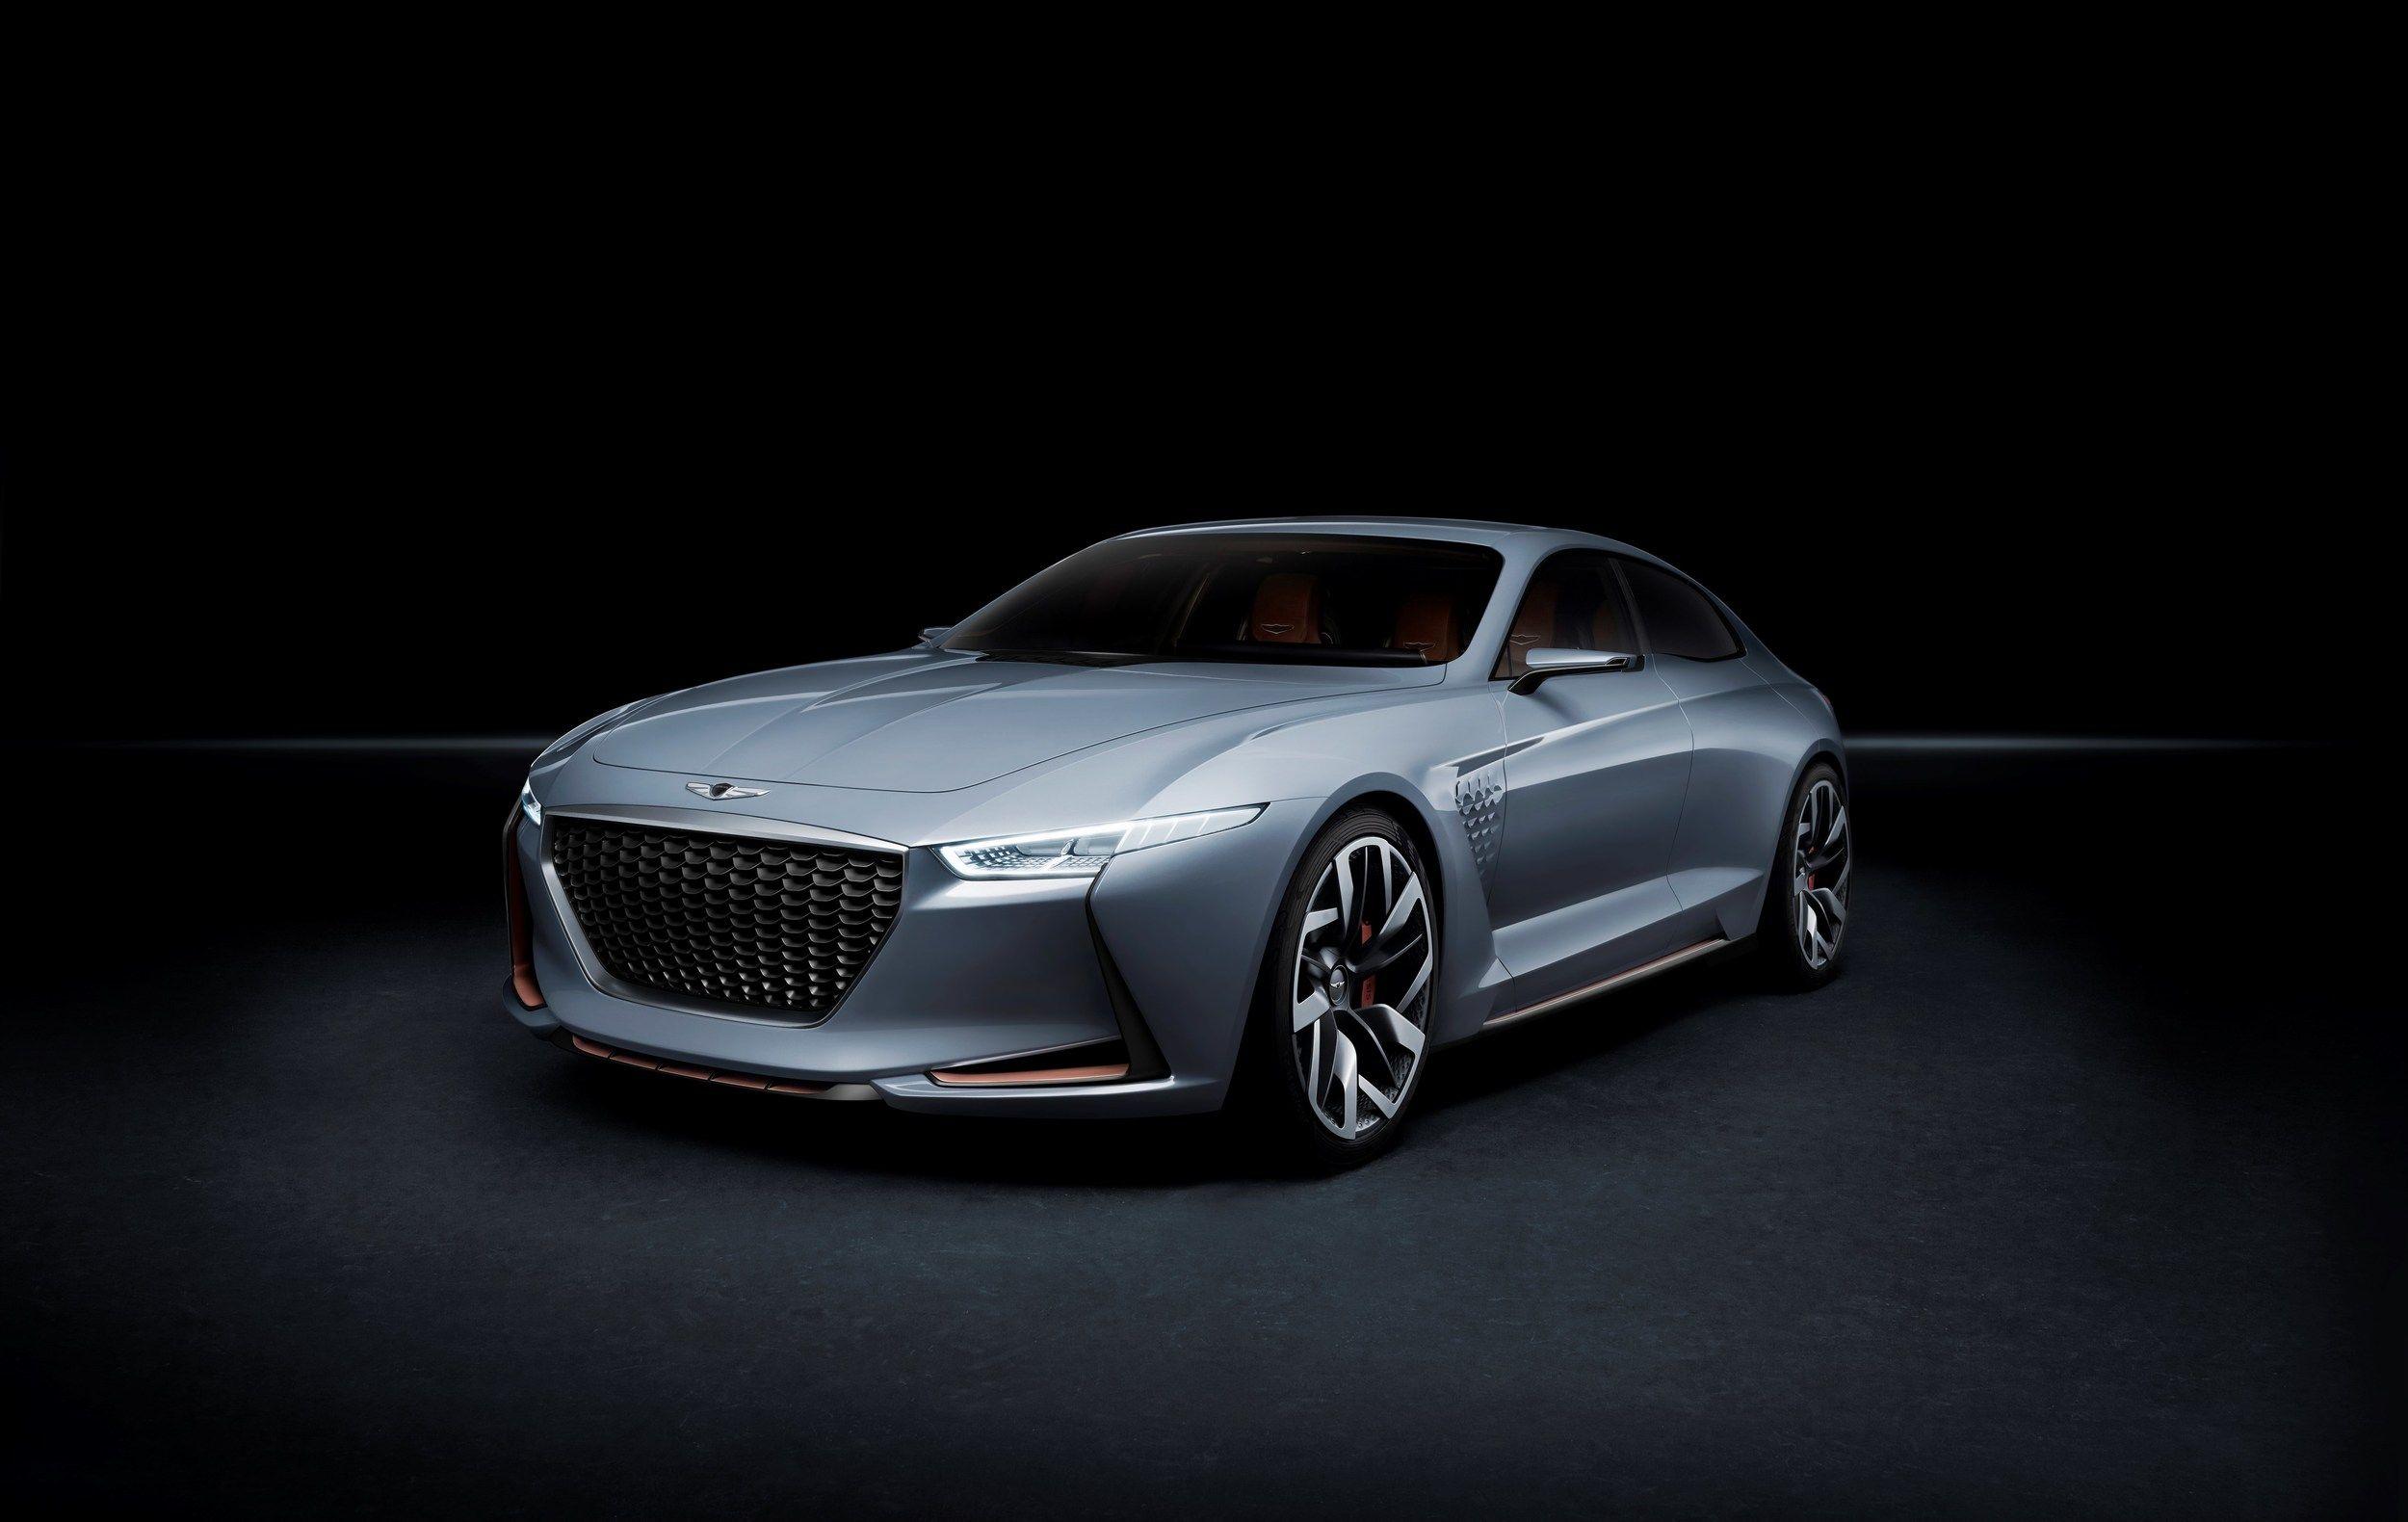 Hyundai's Genesis luxury brand not going to Europe this